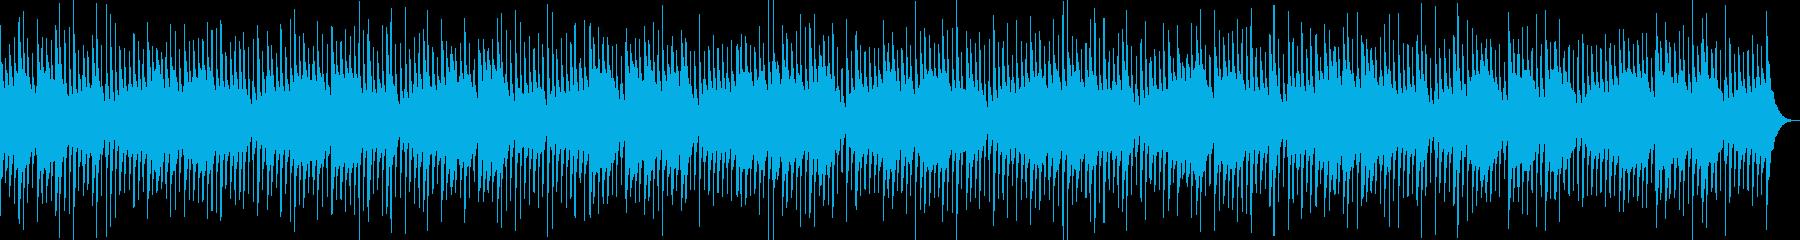 琴・三味線・優しい・和風の再生済みの波形